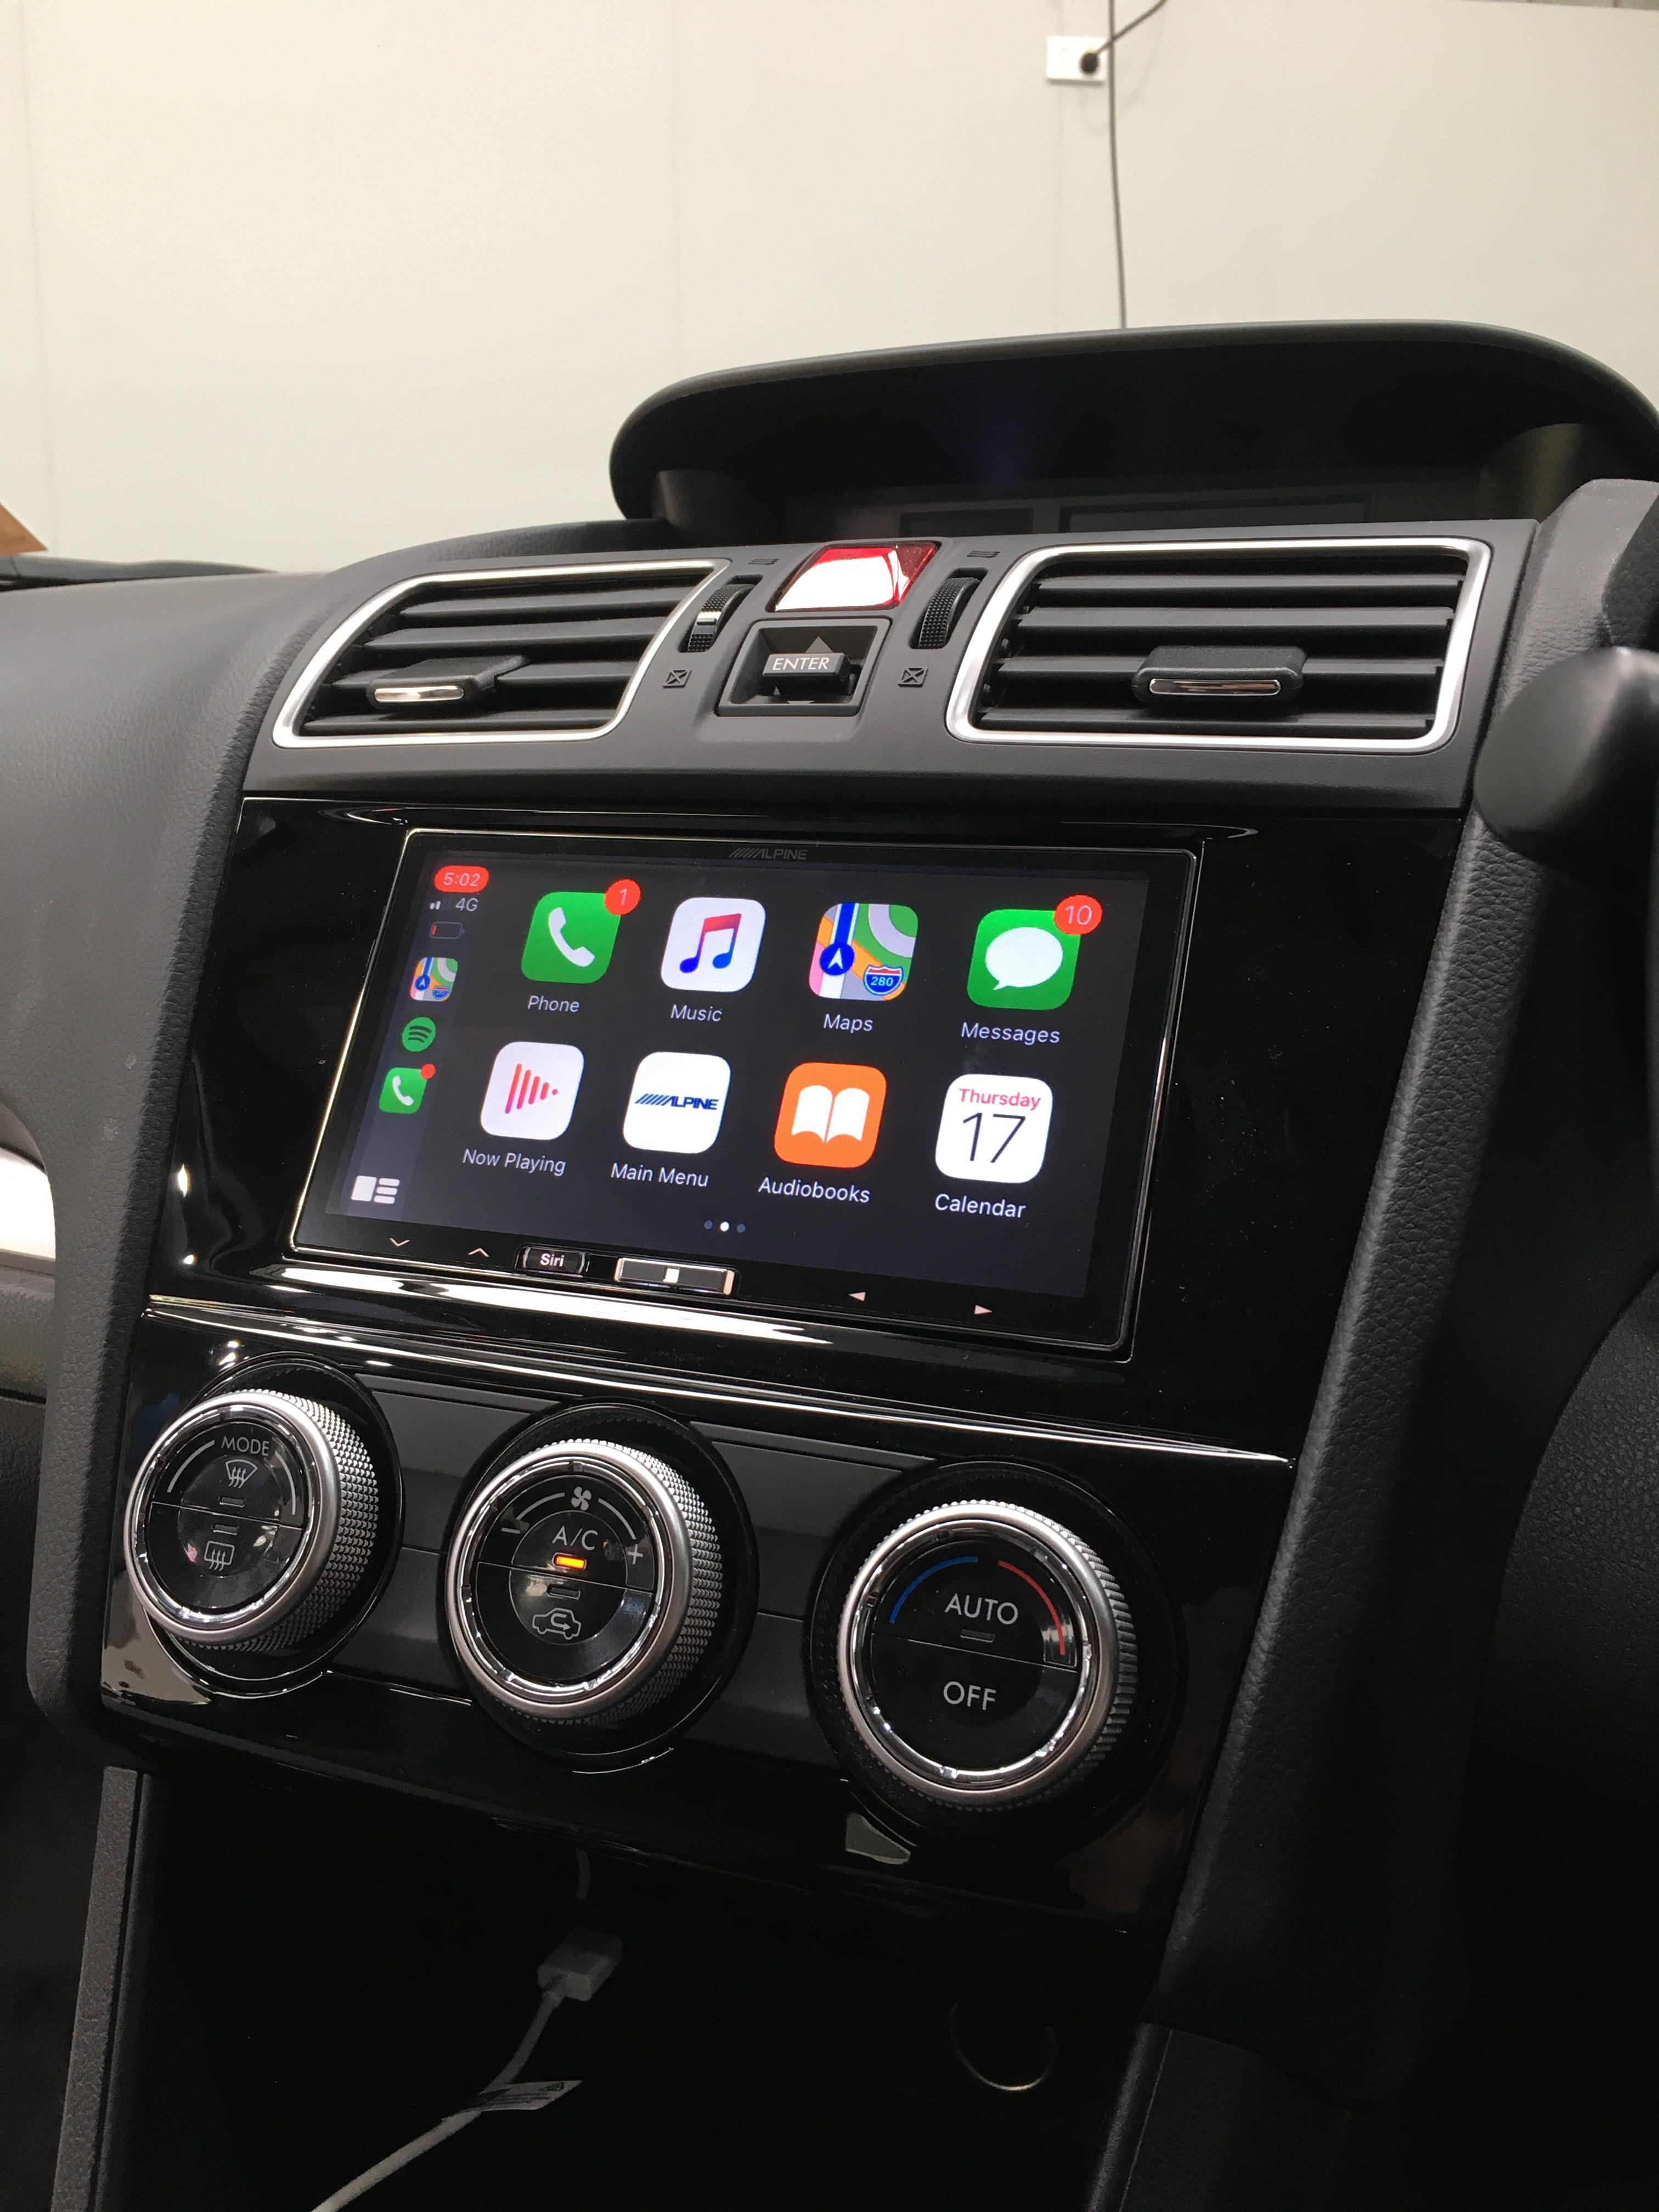 subaru xv with apple CarPlay